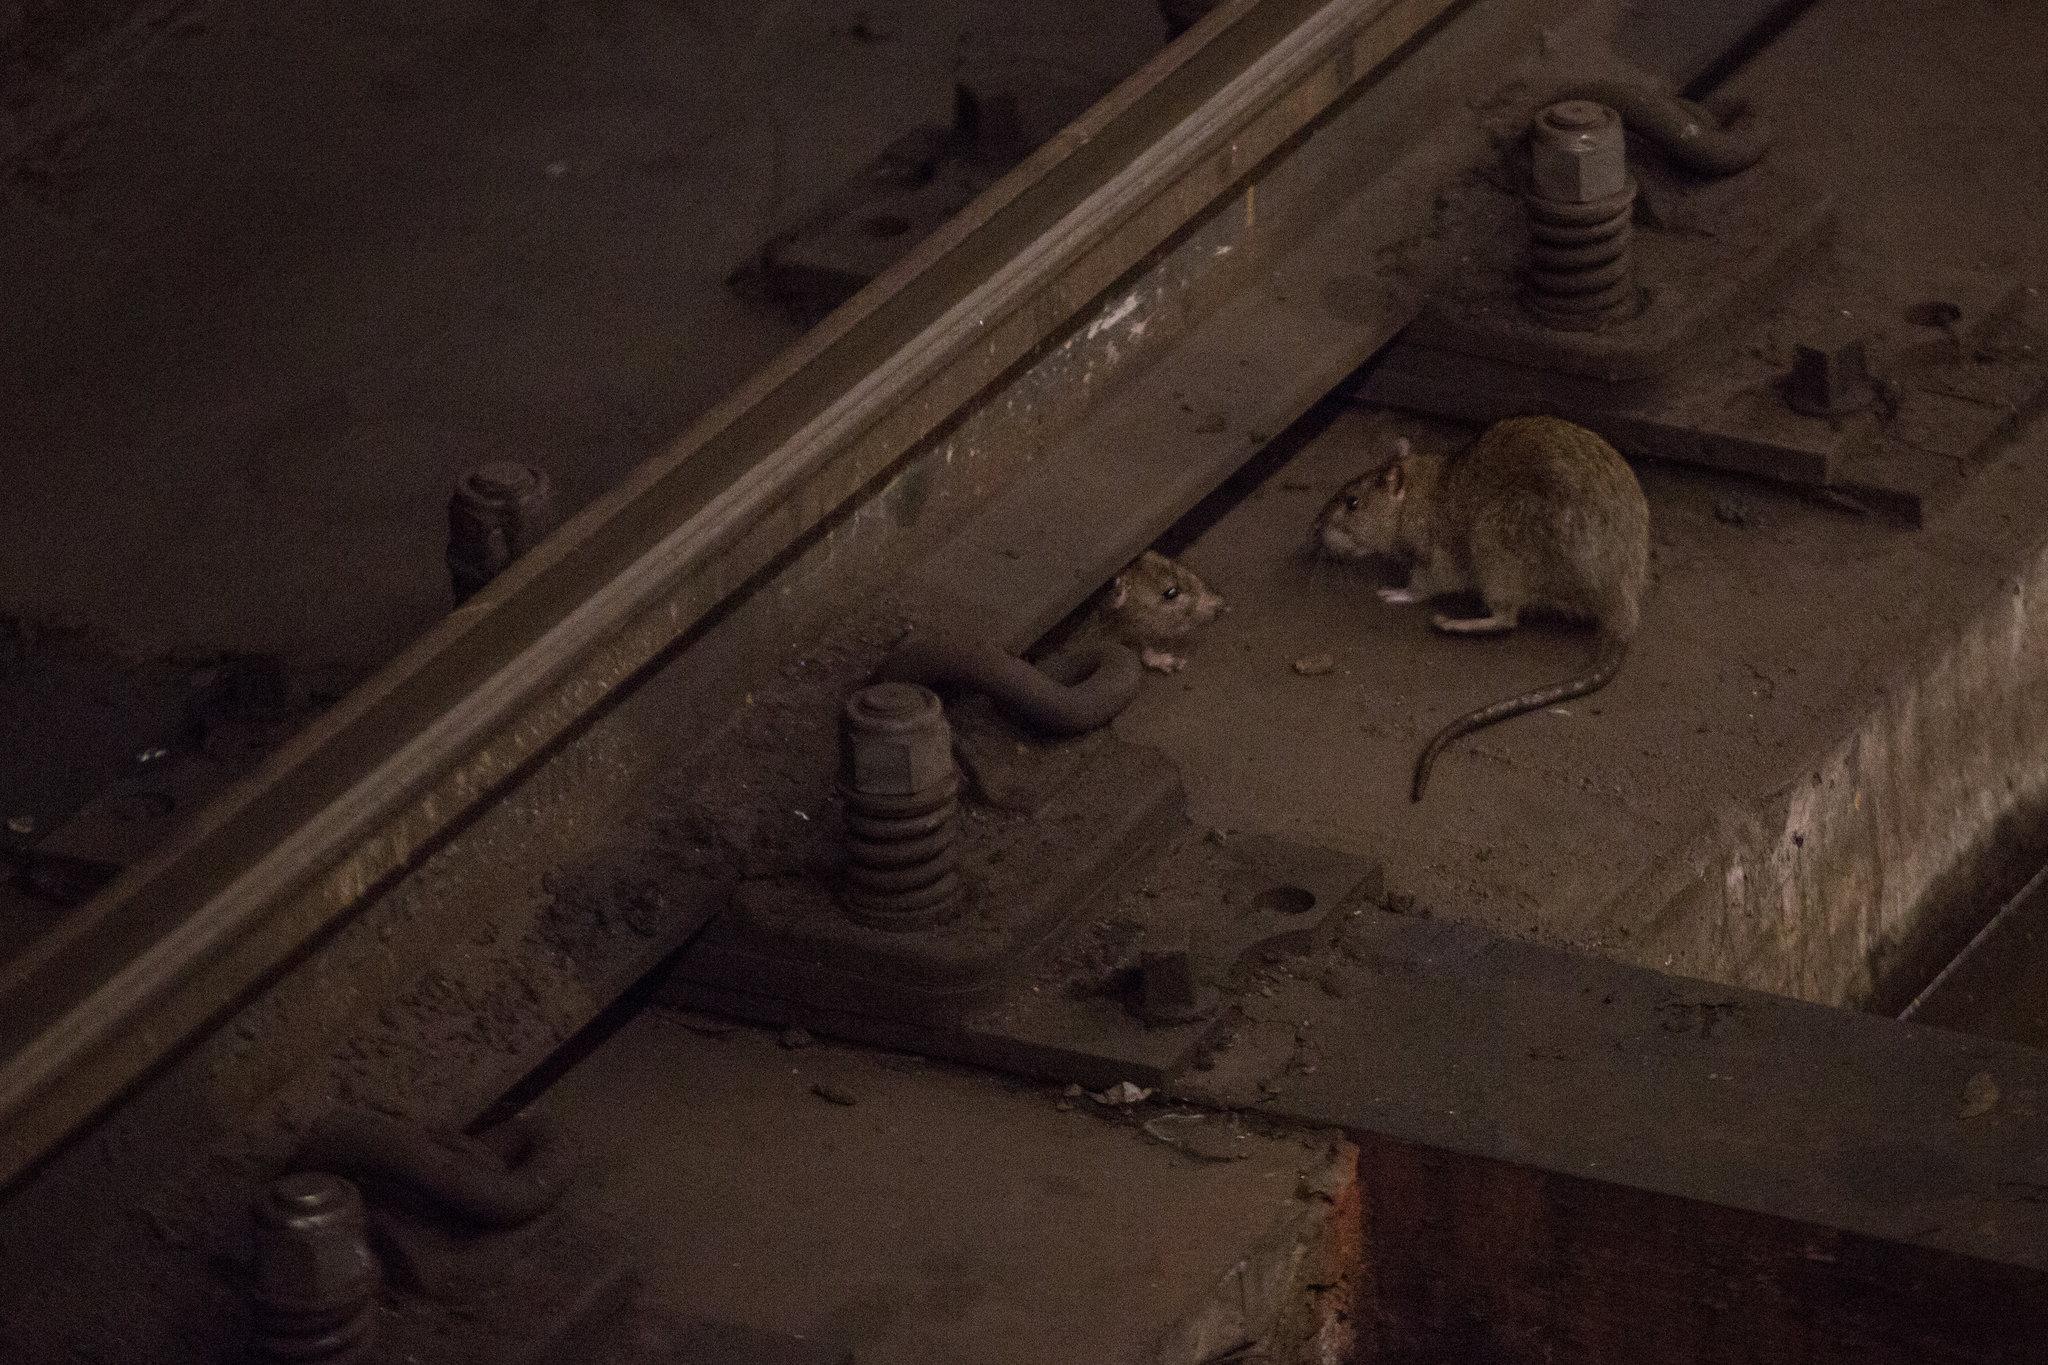 Крысы являются переносчиками многих инфекционных заболеваний, втом числе— лептоспироза, бактериальной инфекции, иногда приводящей клетальному исходу.